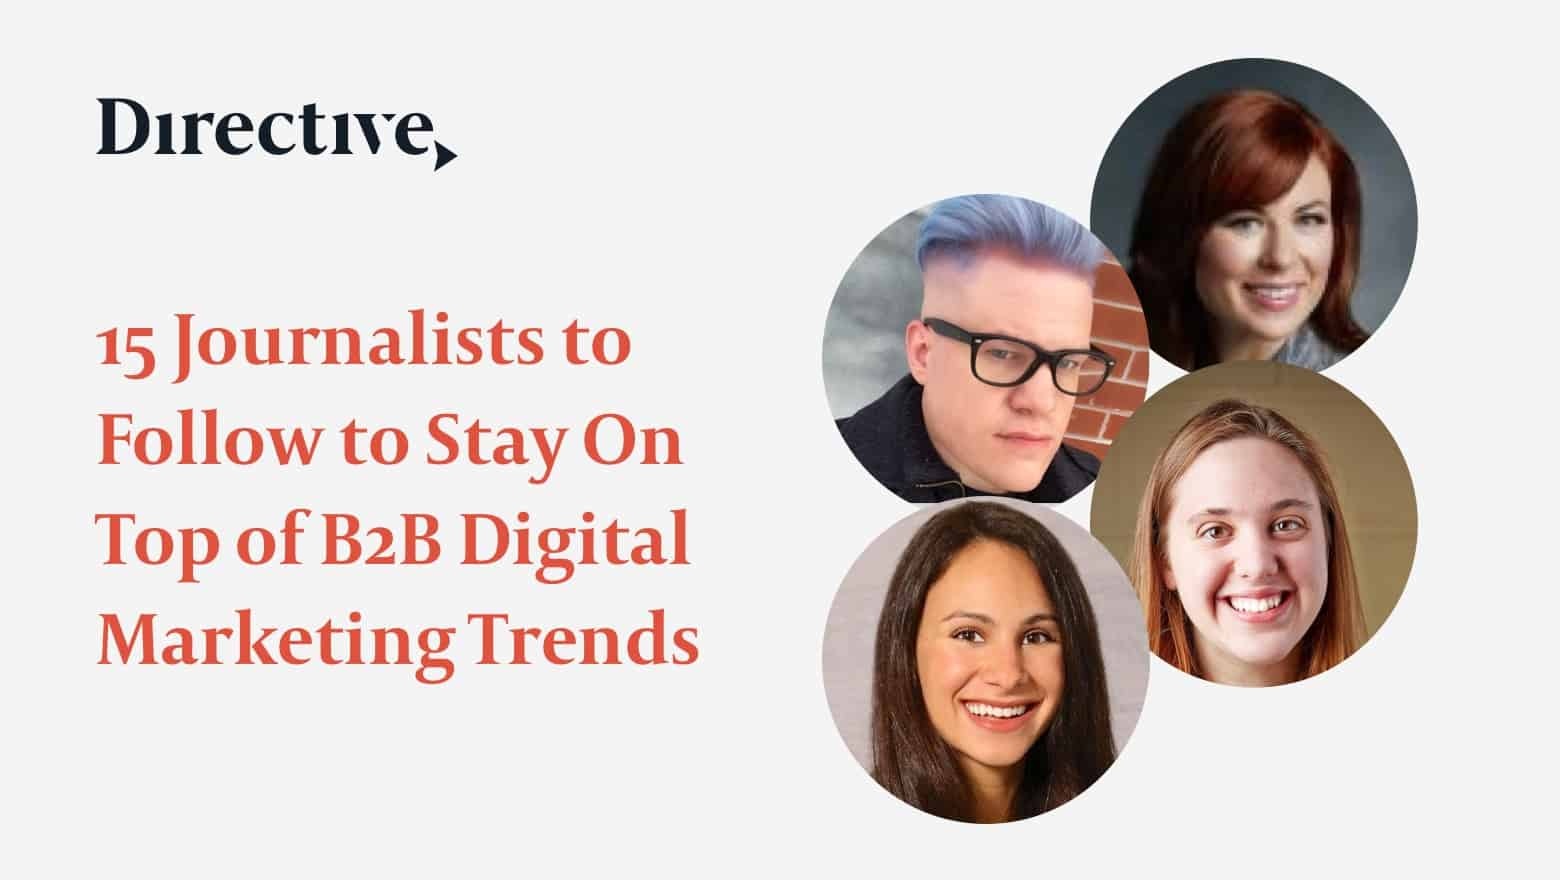 Journalists reporting on B2B digital marketing.